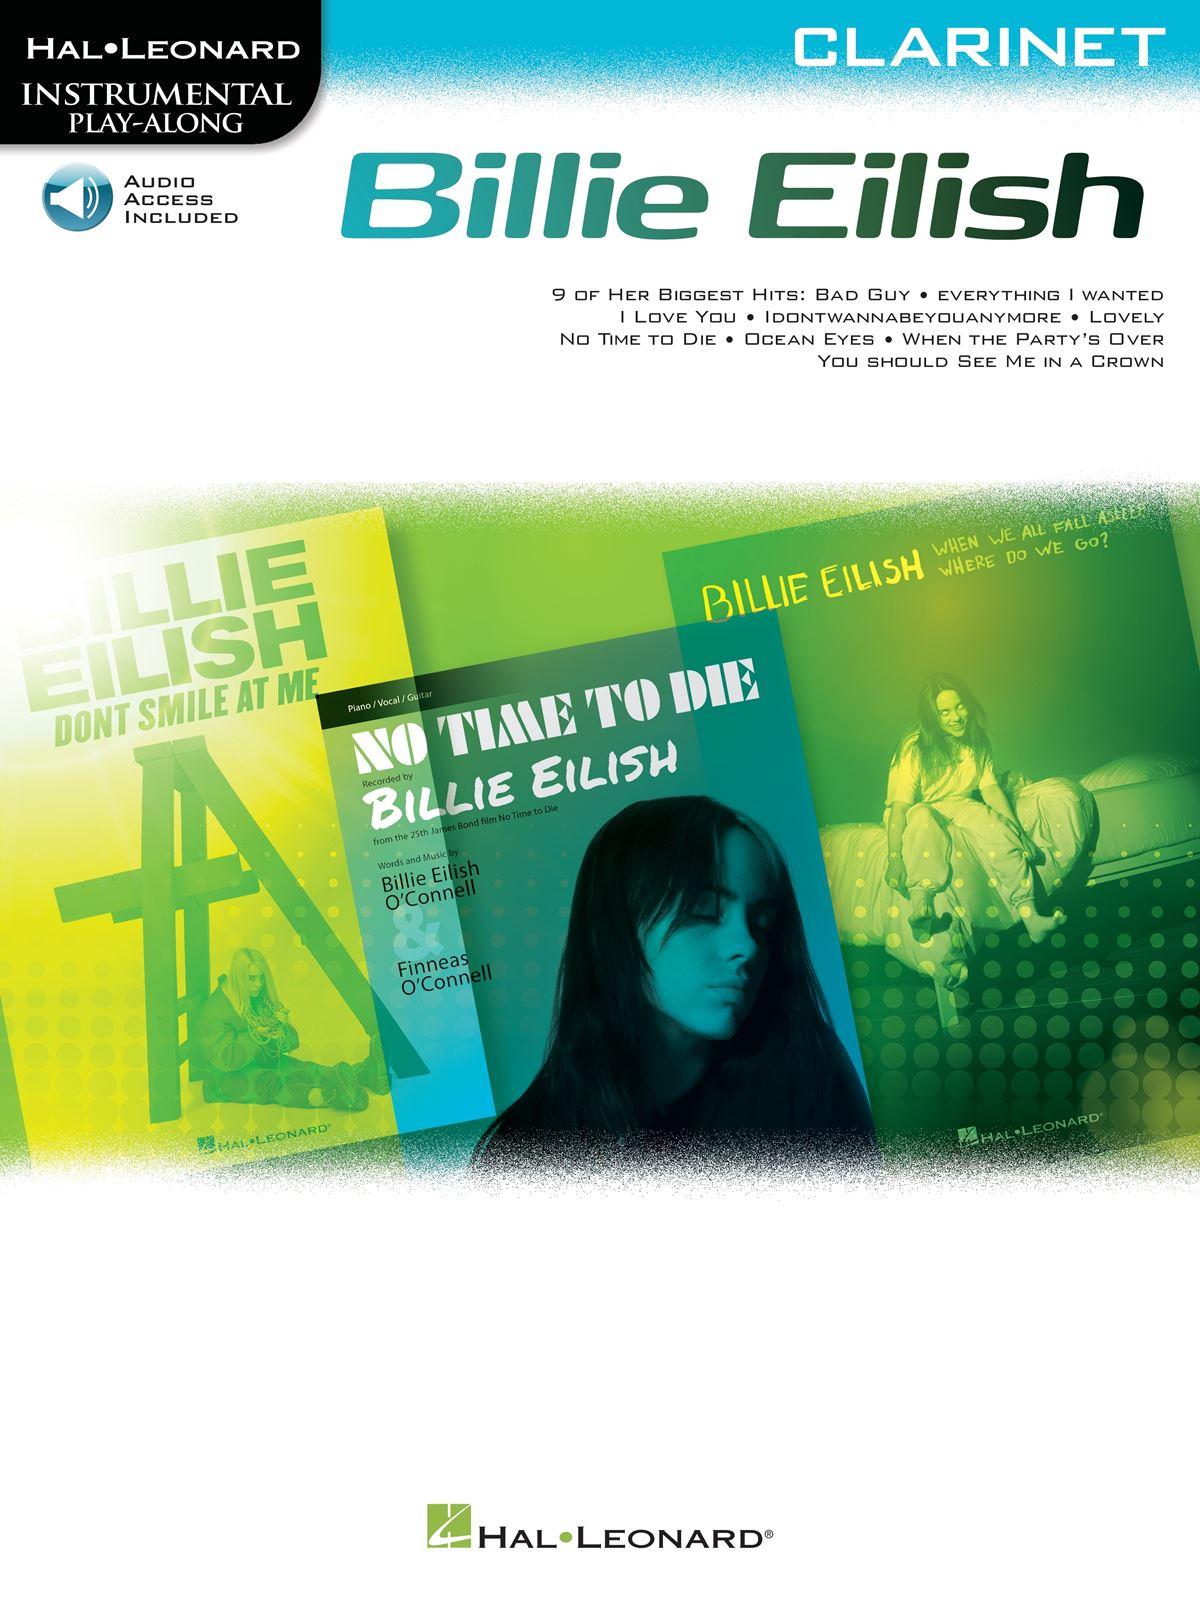 Billie Eilish: Billie Eilish For Clarinet: Clarinet Solo: Instrumental